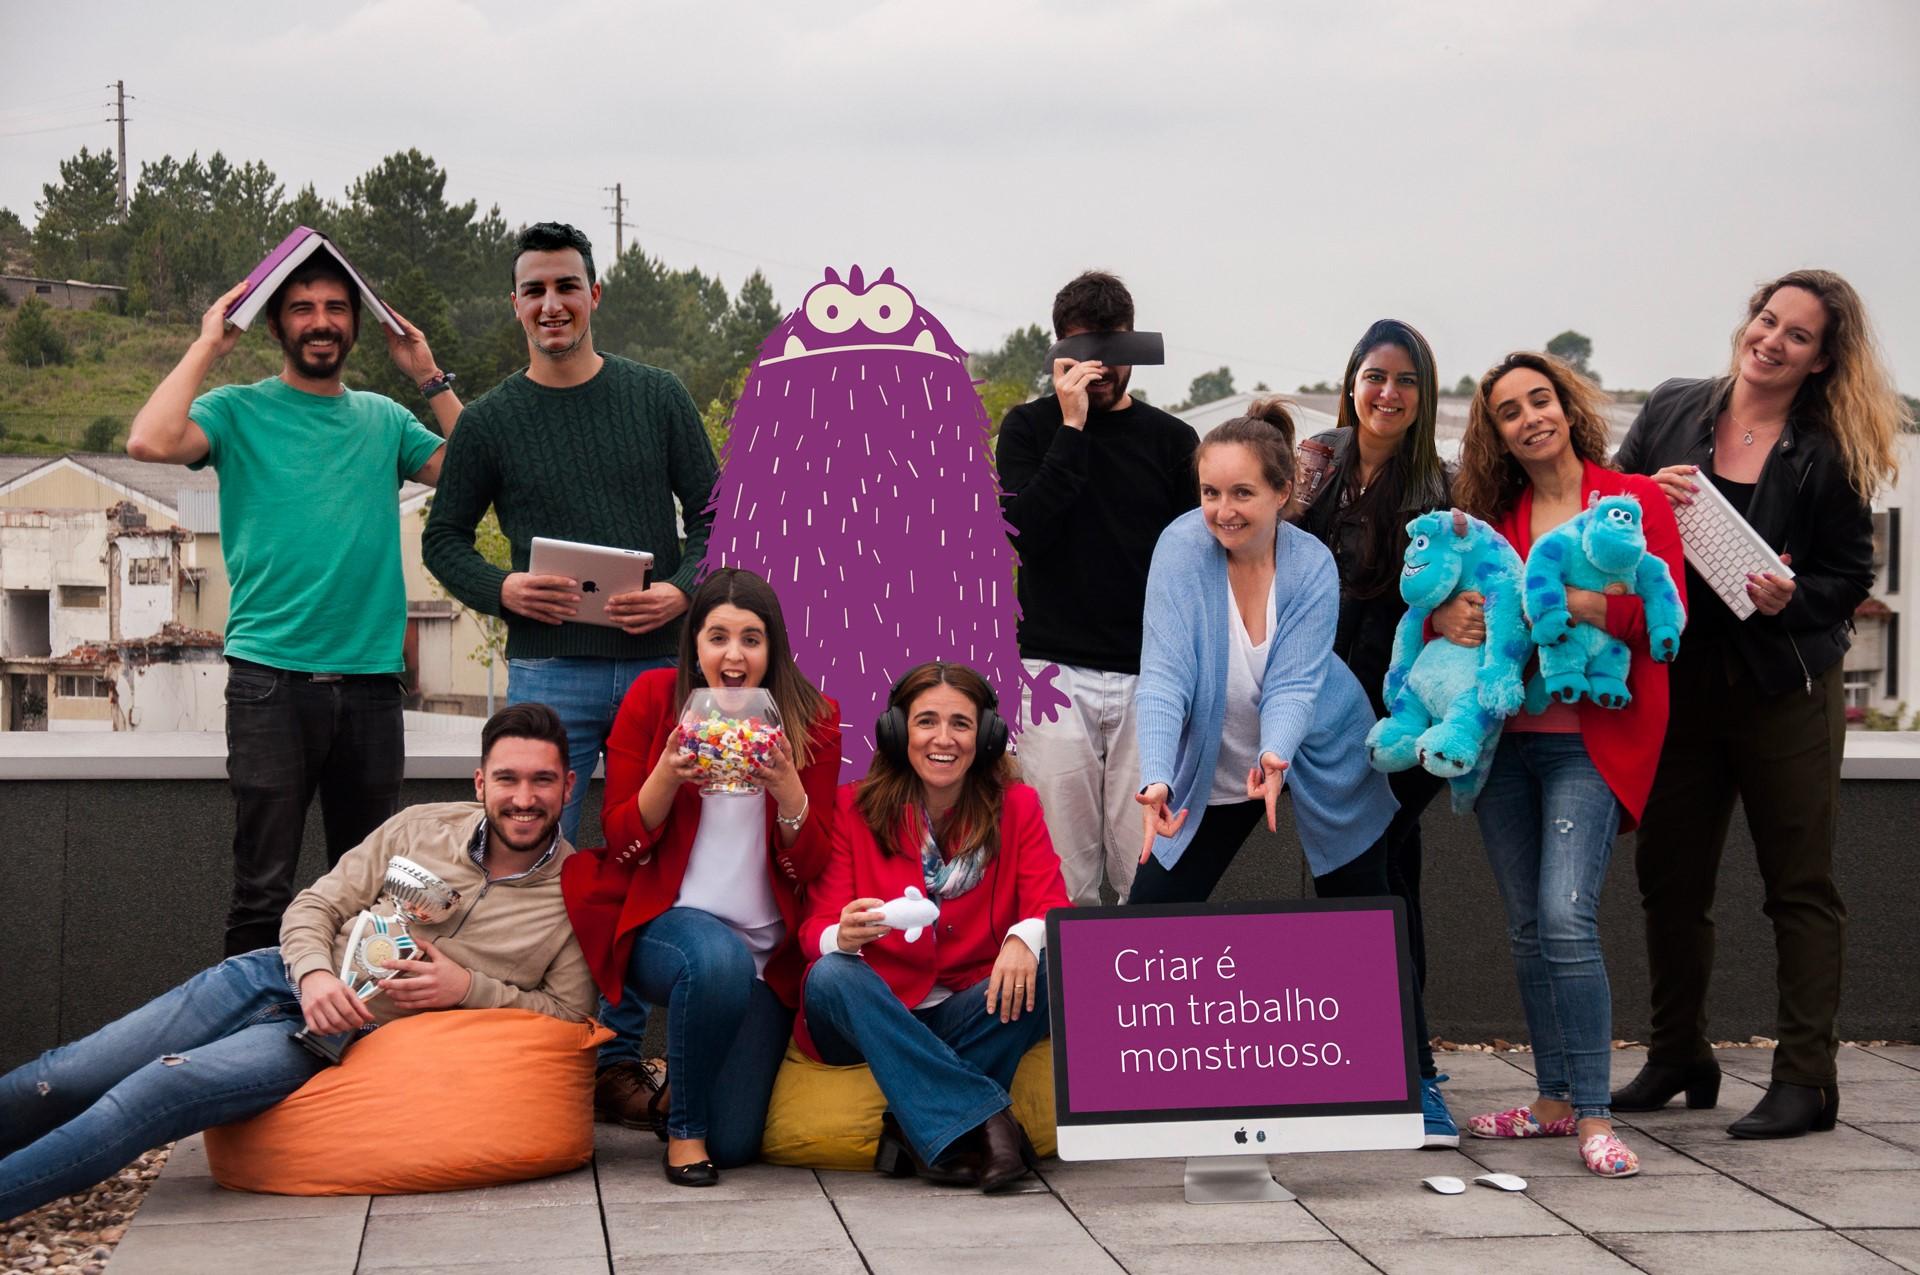 Monstros & Cia selecionada pela AICEP como Agência criativa